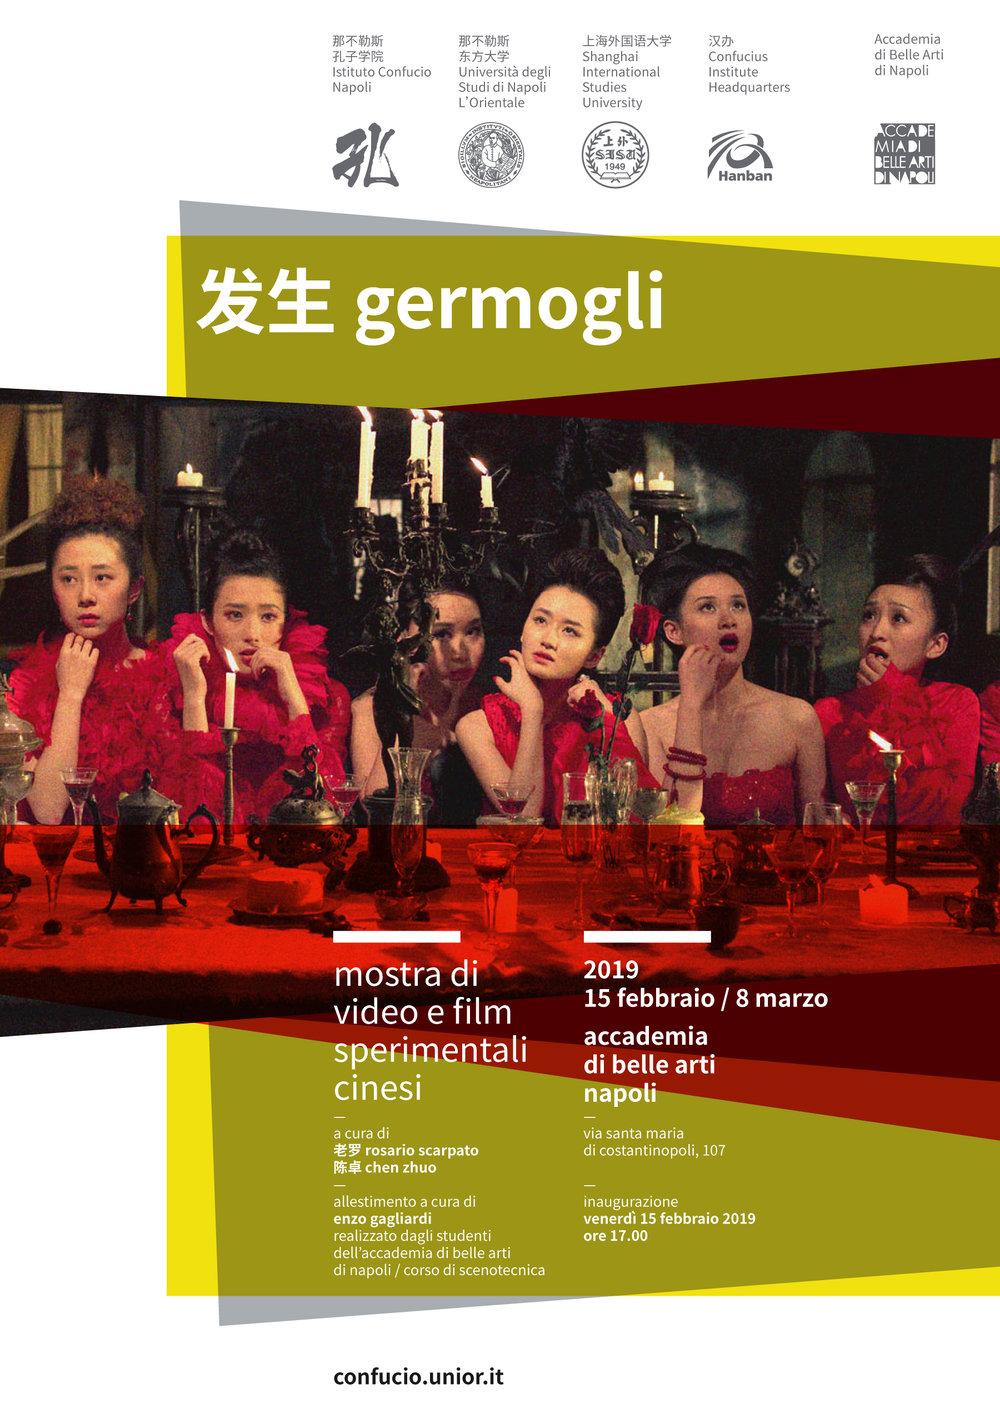 2019_confucio_Germogli_locandina_DEFxzx.jpg